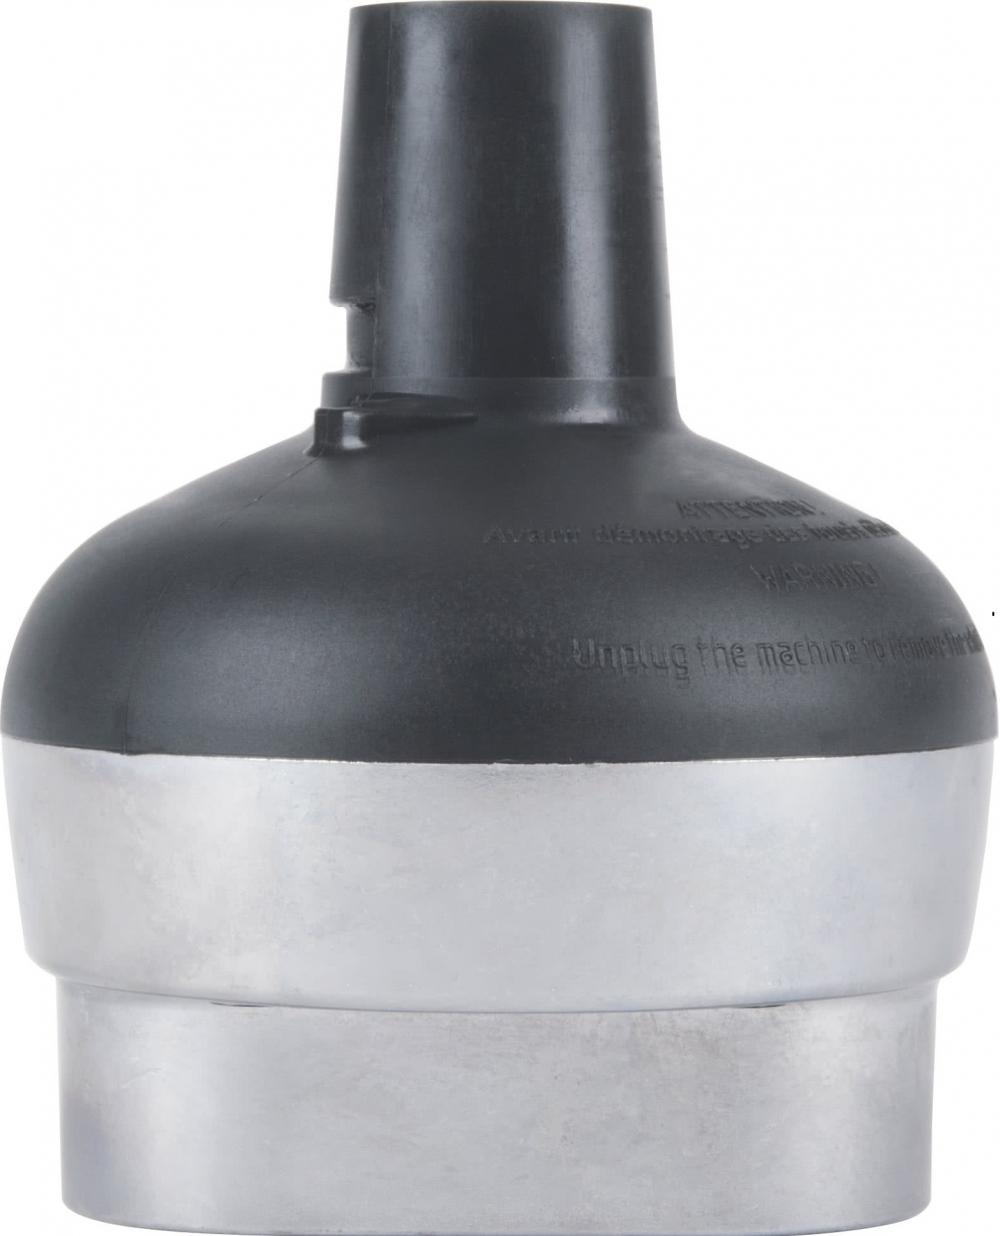 Редуктор для миксера Robot Coupe MP 450 Combi 103957/89650 - 1